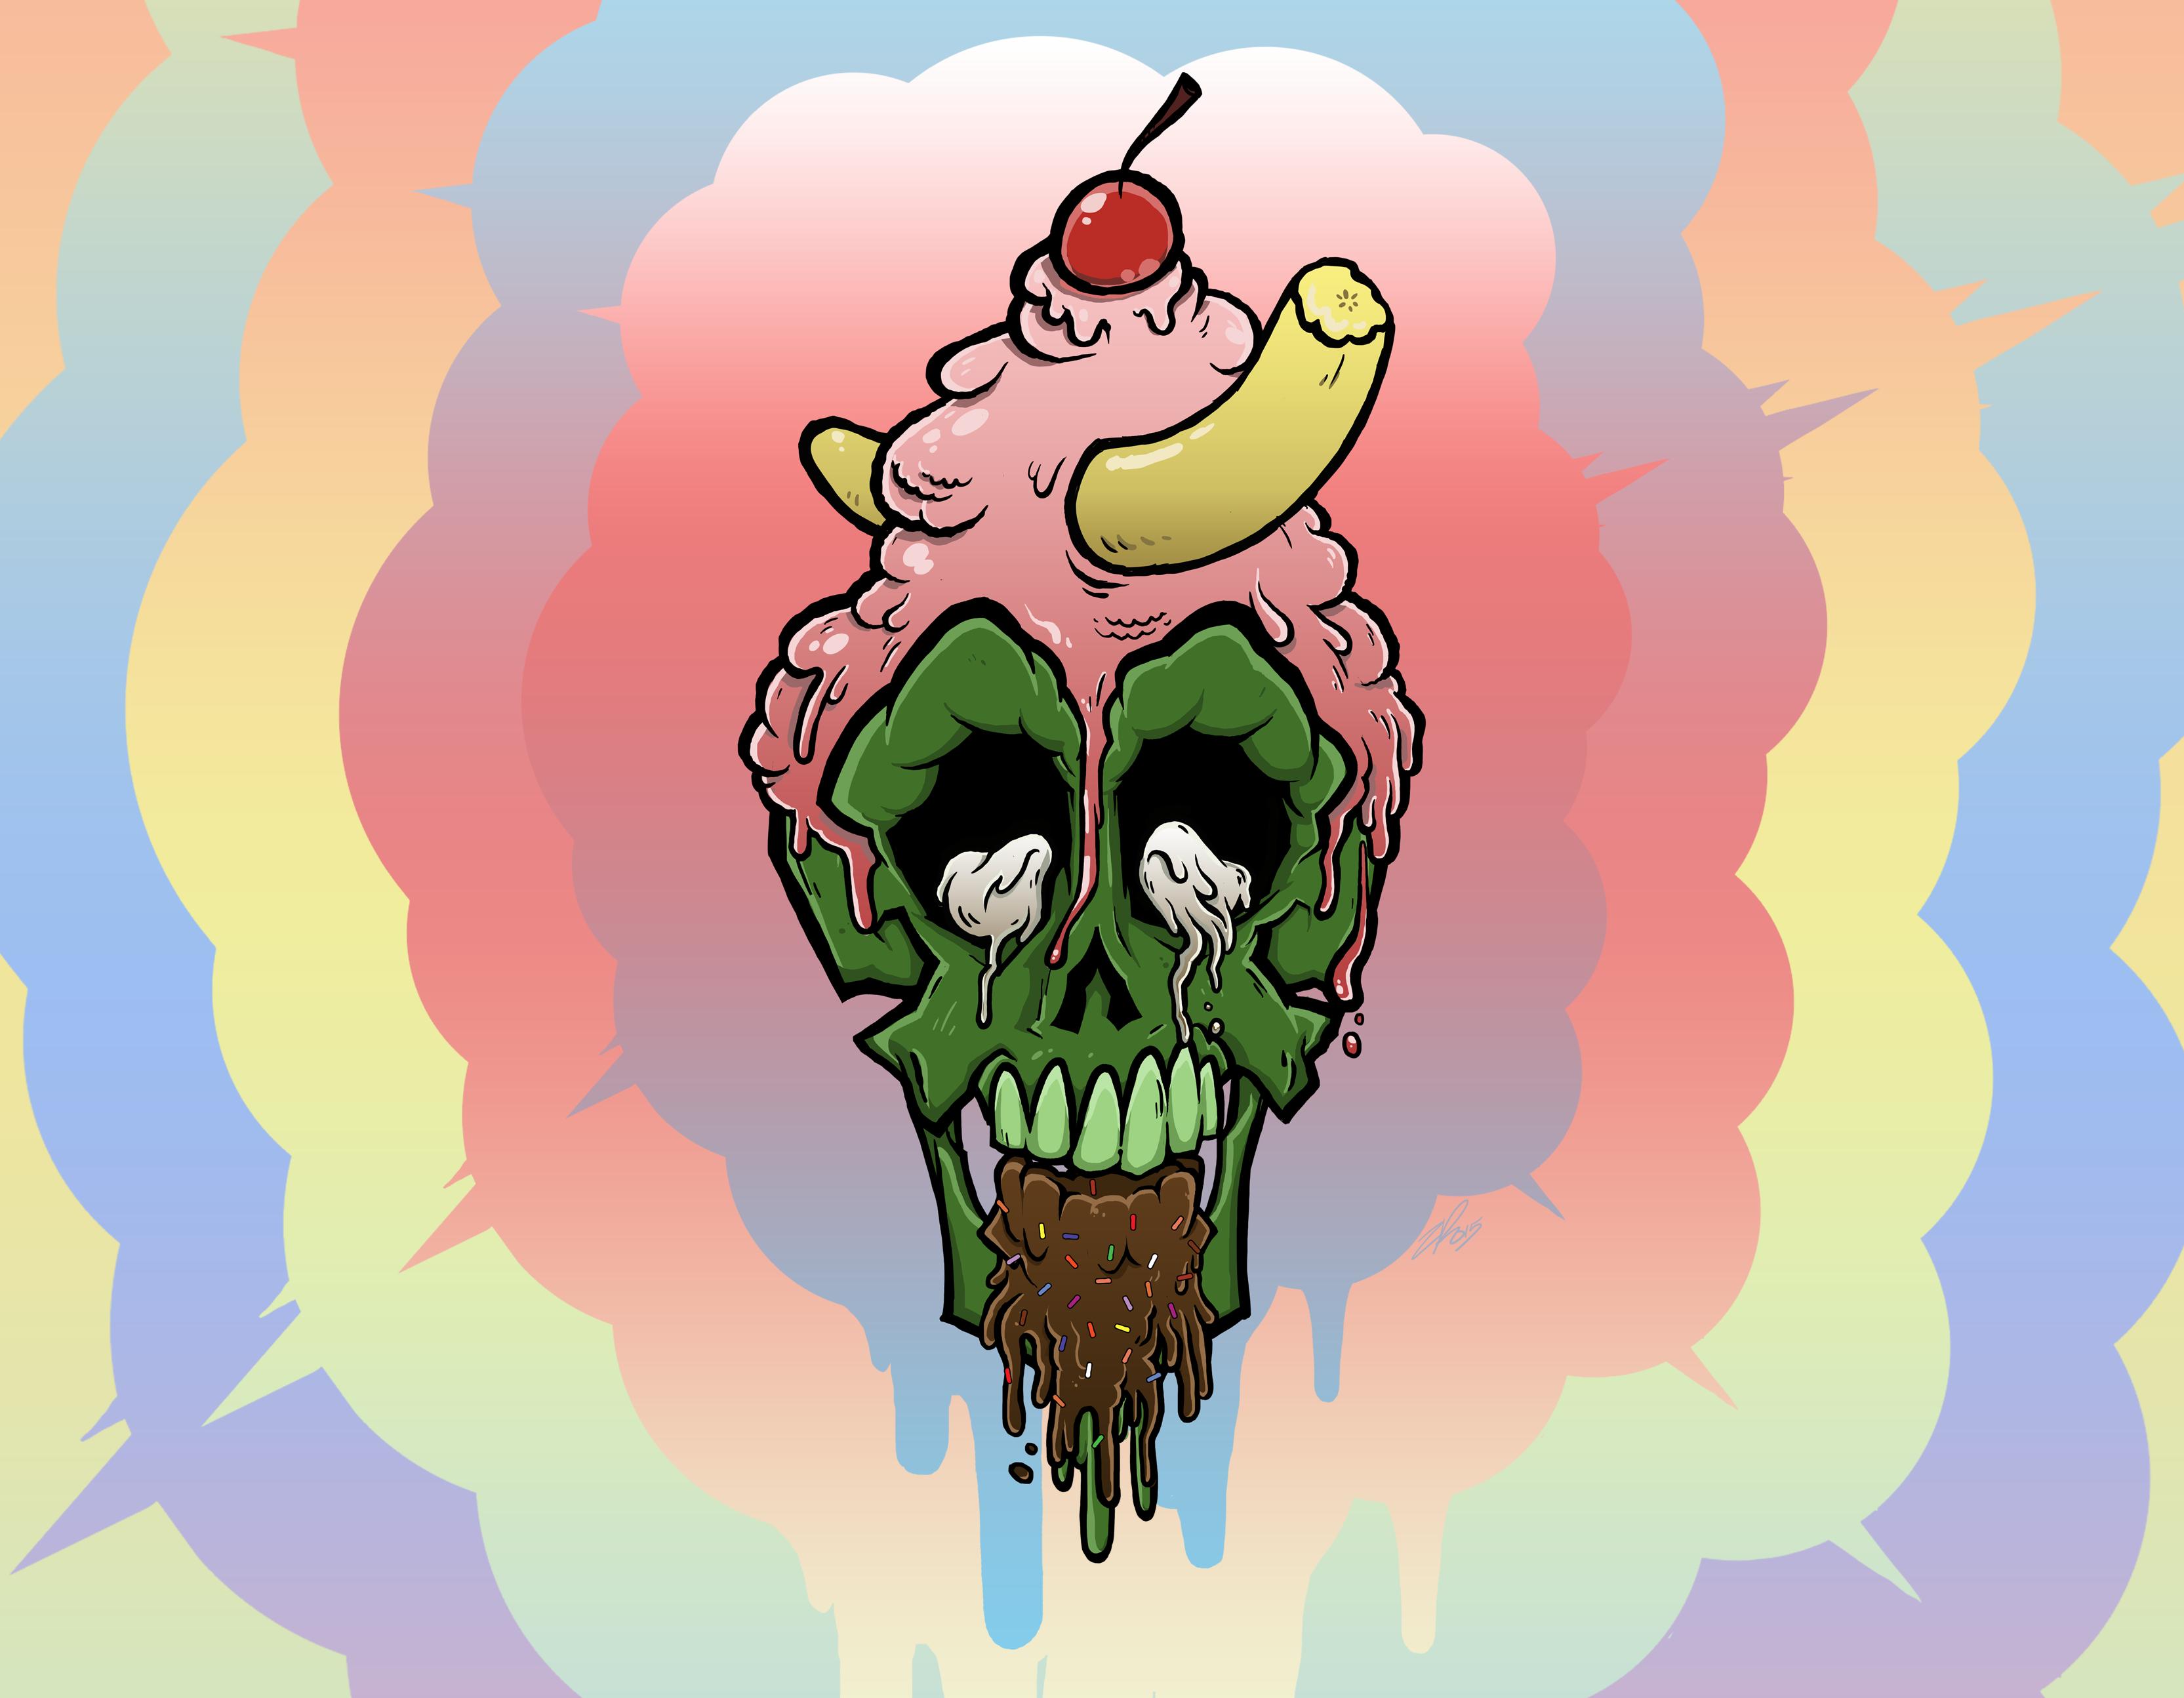 Ice Cream Skull #01 - BG Variant #03